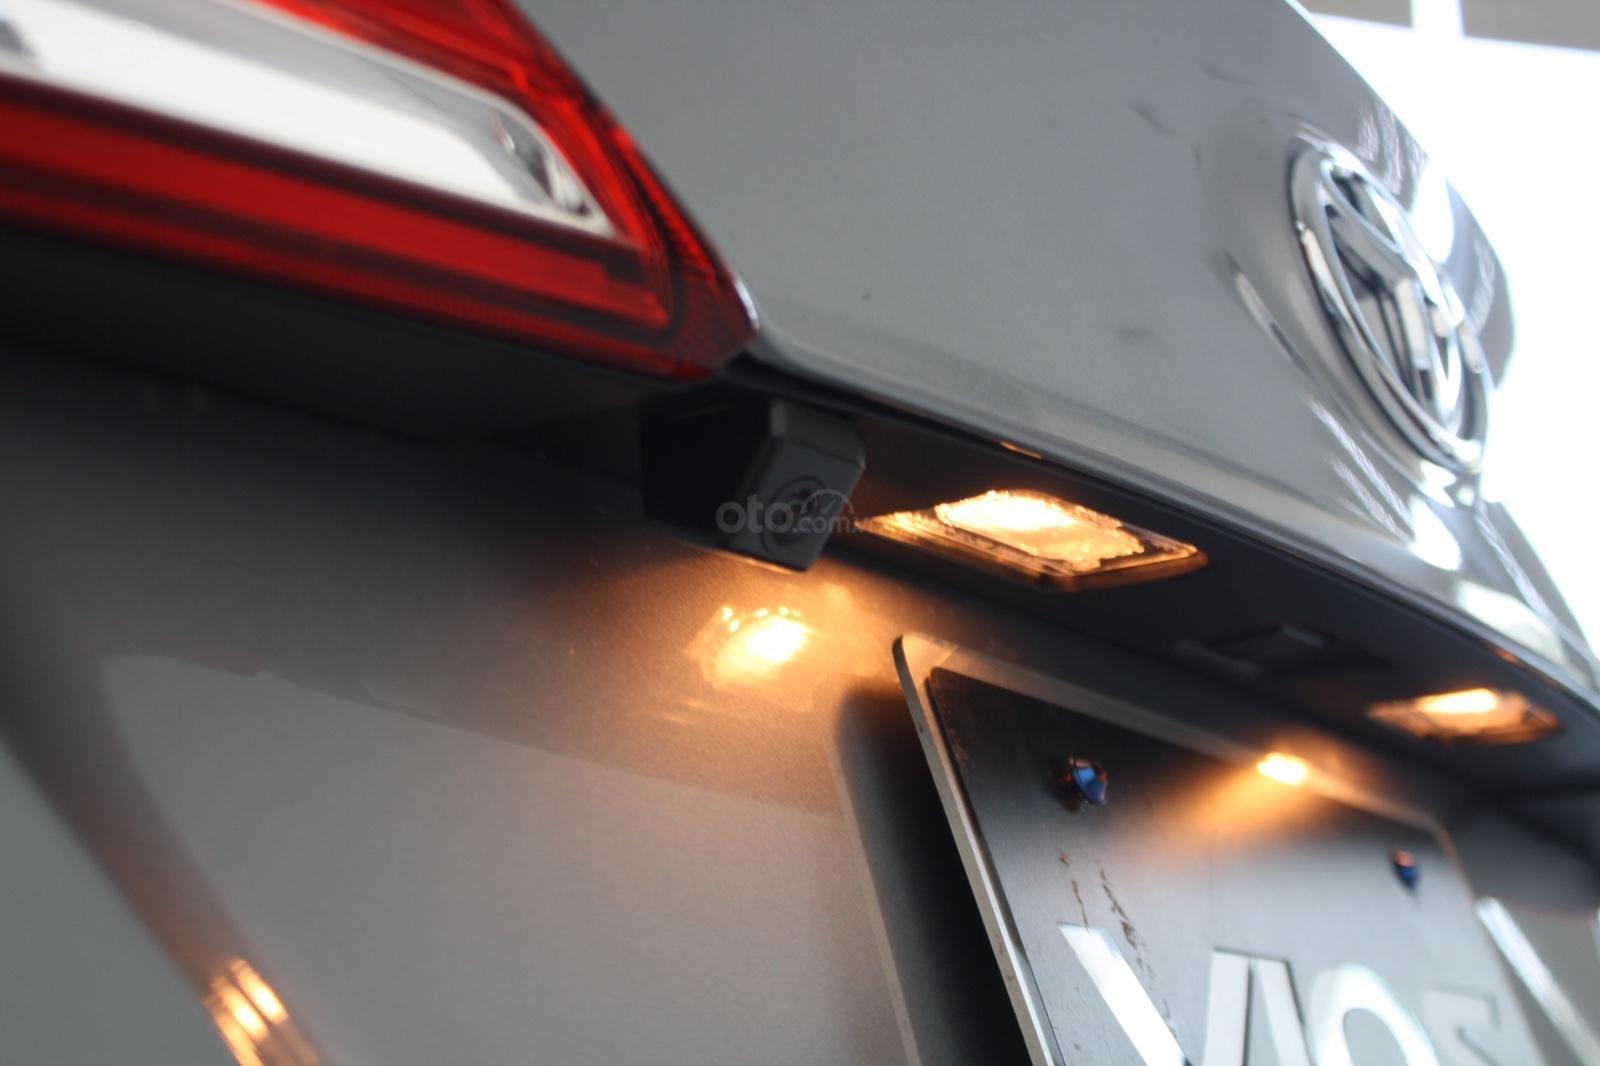 Toyota Vios G 2021, giá tốt - khuyến mãi lớn, hỗ trợ ngân hàng - lãi suất thấp (7)